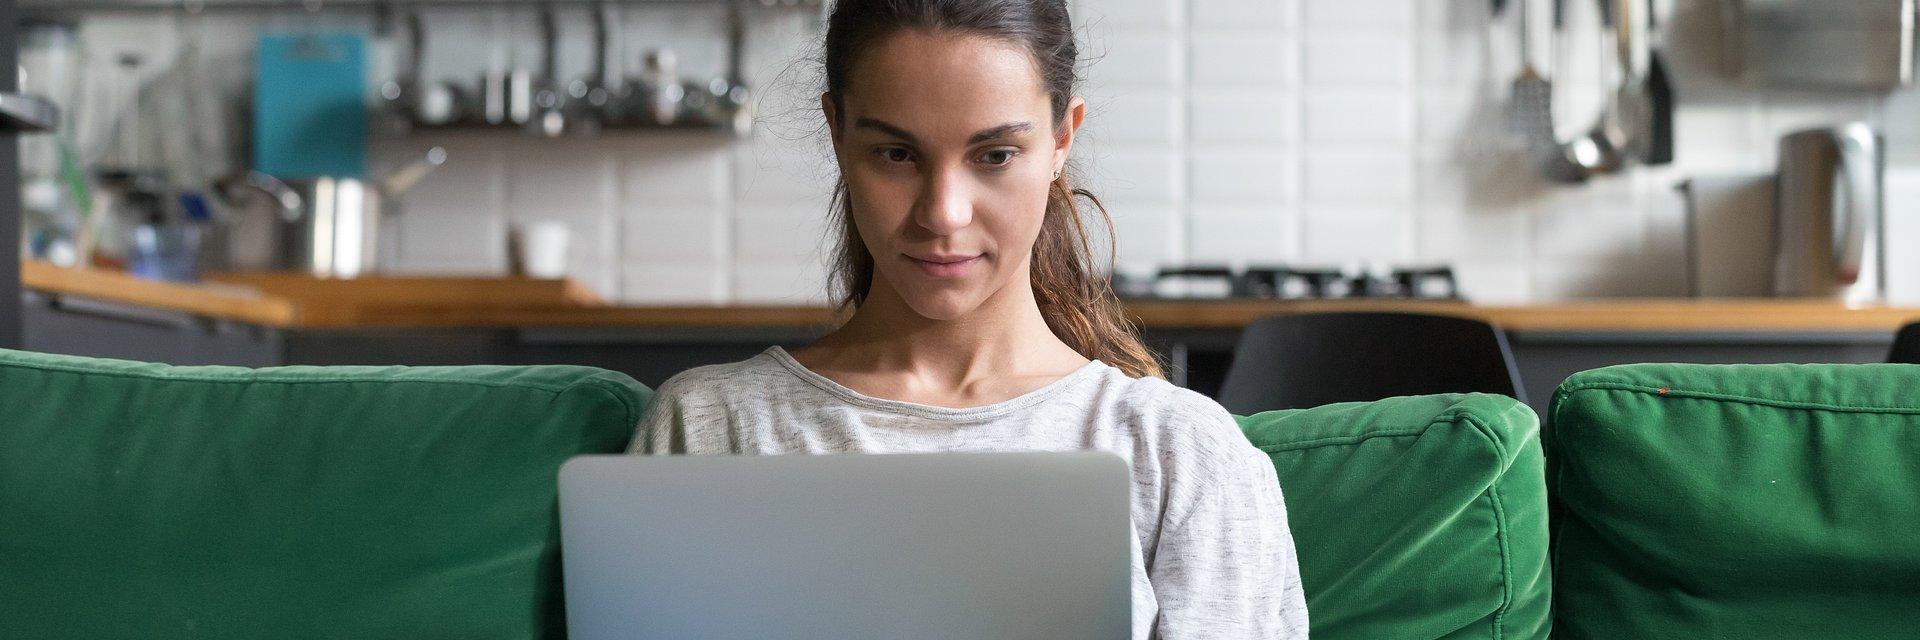 Praca zdalna zostanie, ale tęsknimy za biurem. 64% pracowników chce hybrydowego modelu